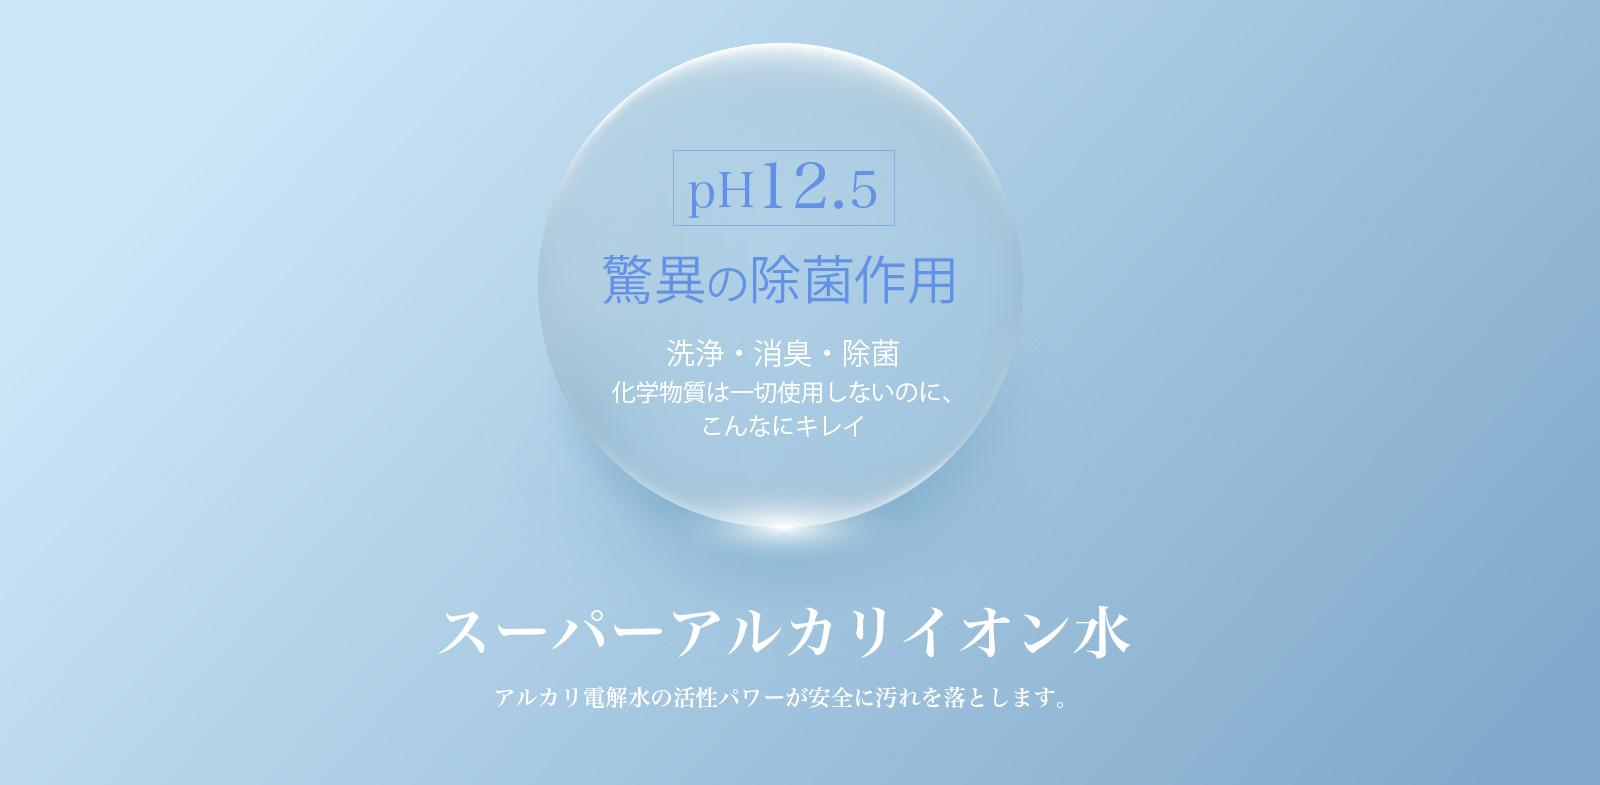 広島で販売・購入【スーパーアルカリイオン水】 pH12.5驚異の除菌作用。スーパーアルカリイオン水。